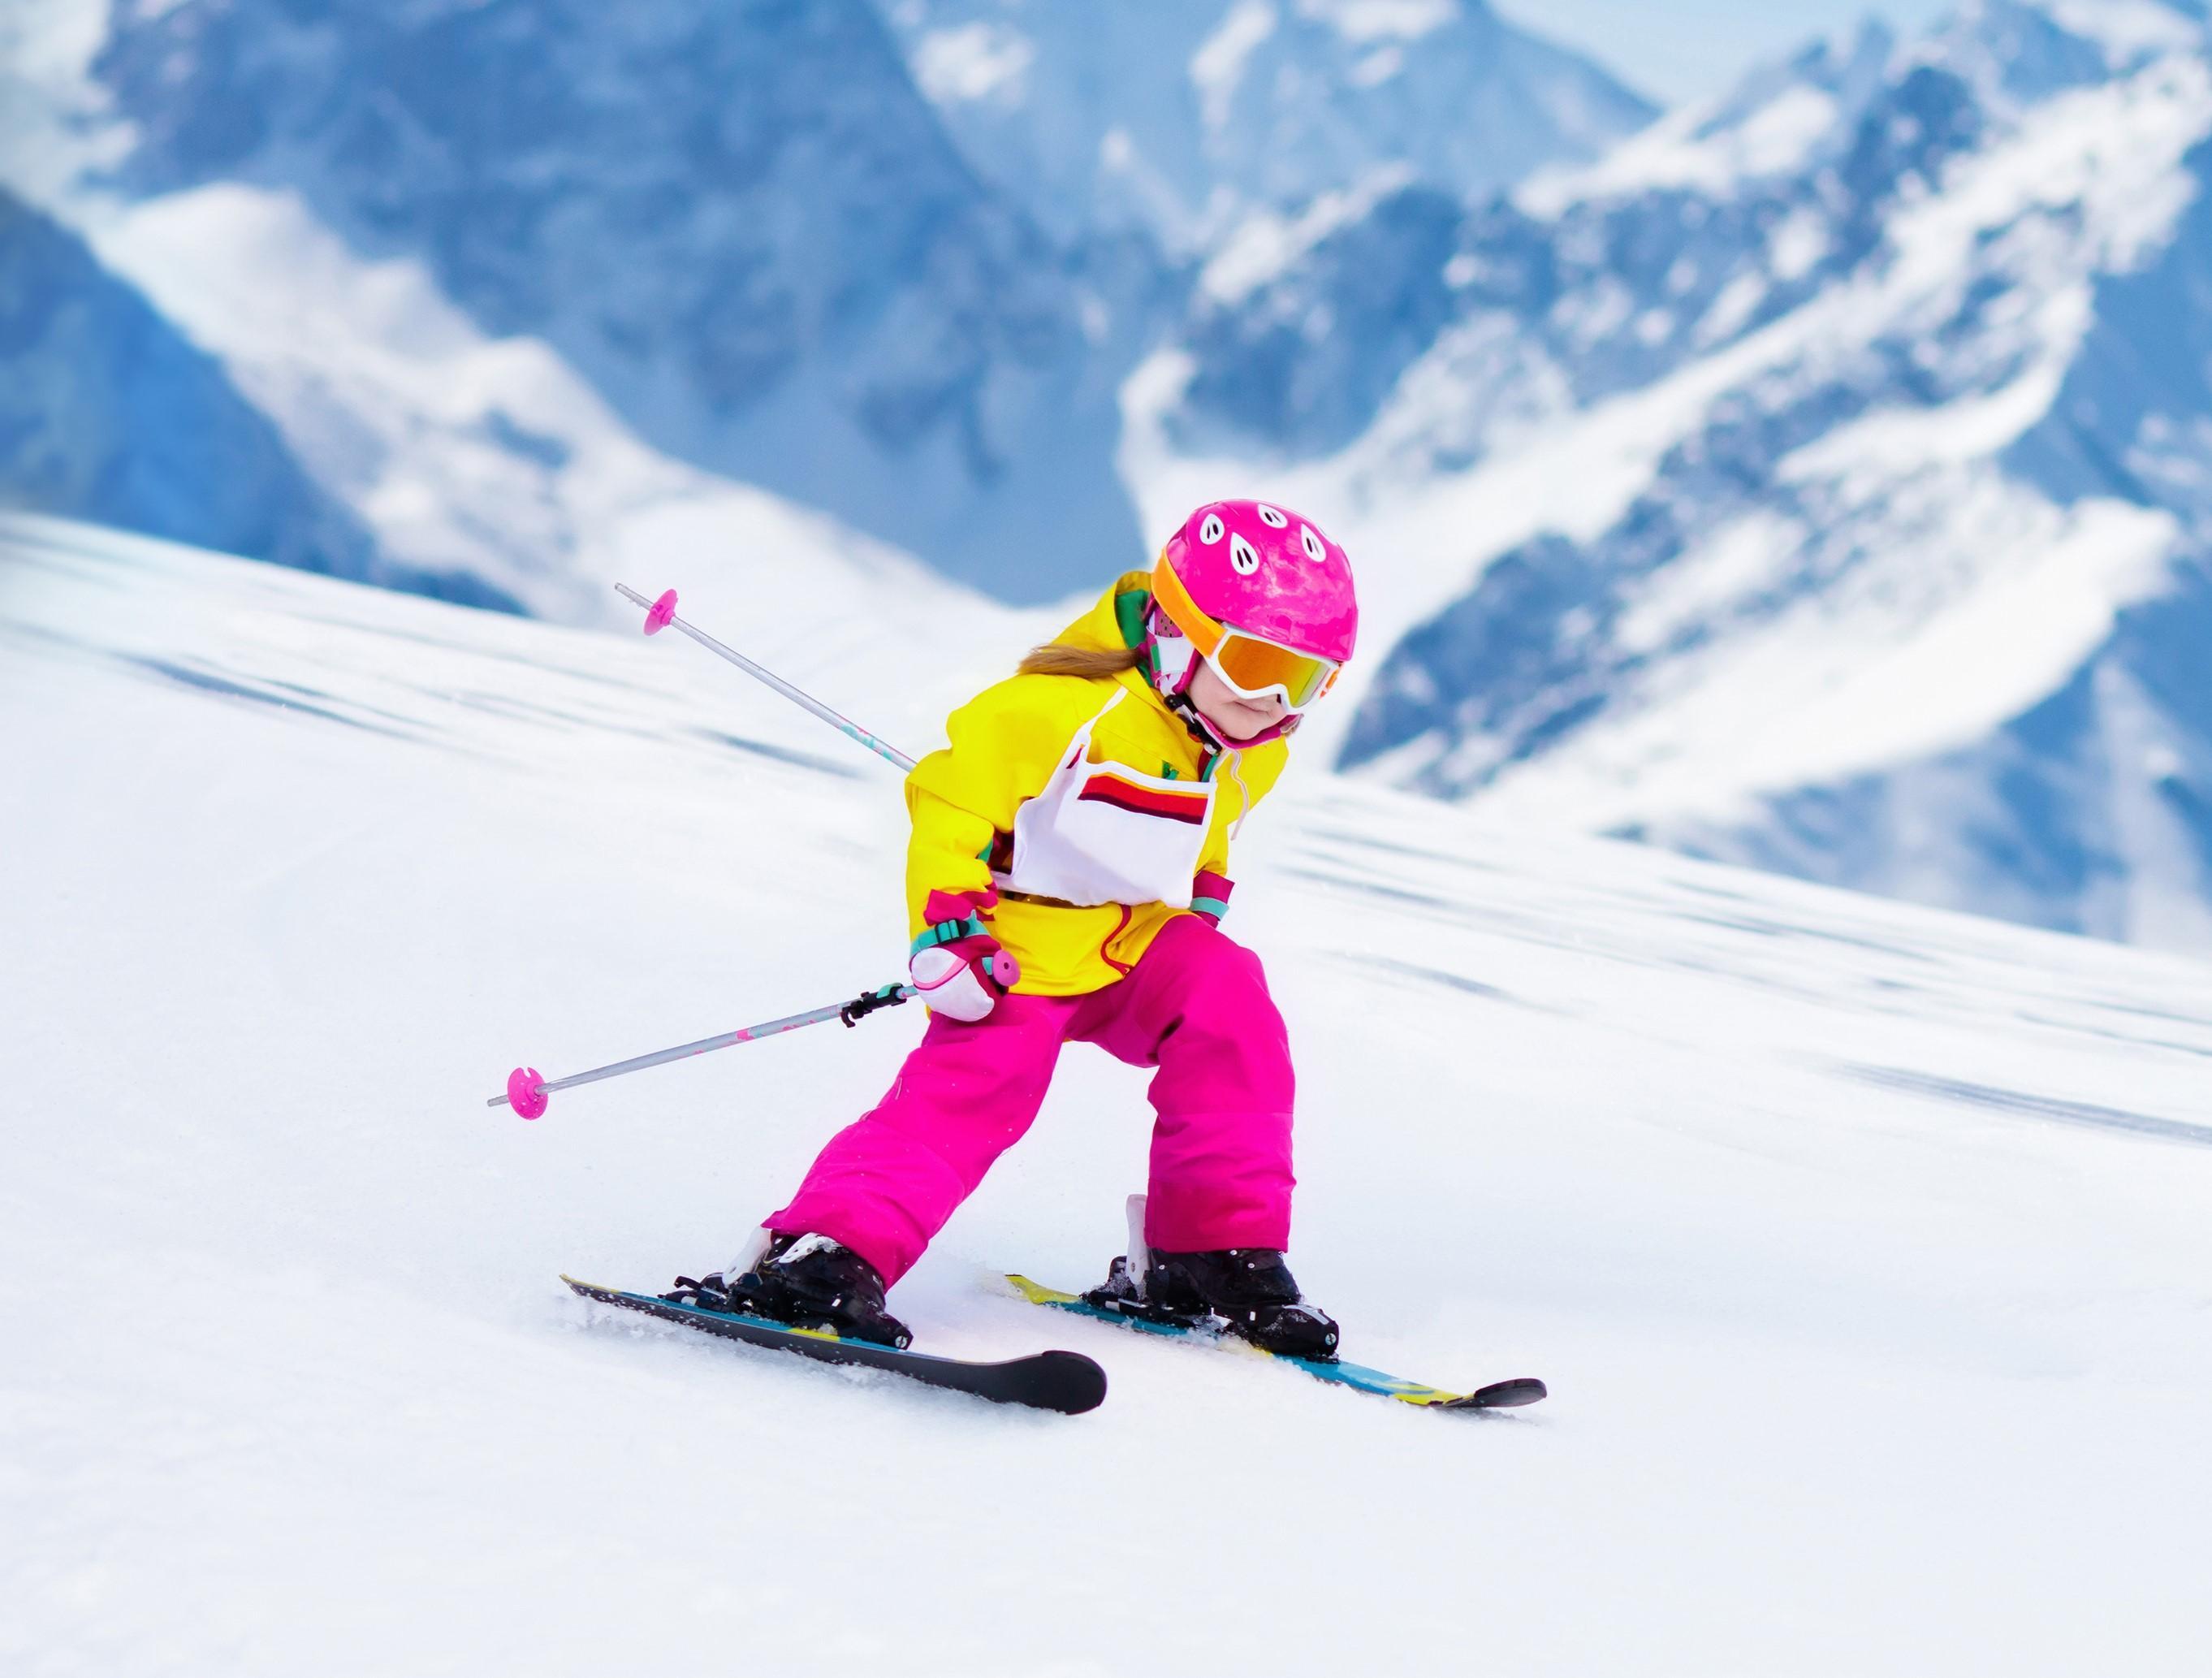 Privé skilessen voor kinderen - ervaren